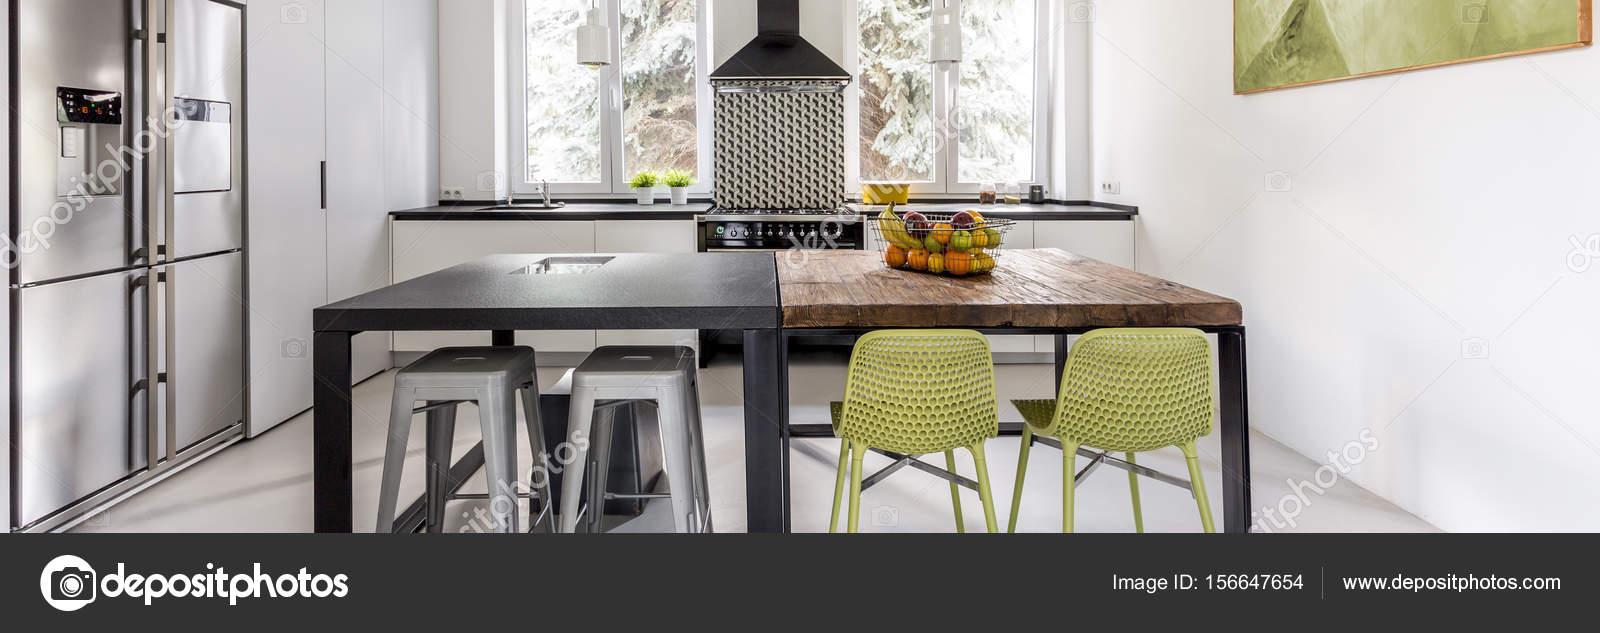 lumineuse cuisine fonctionnelle avec deux tables — photographie